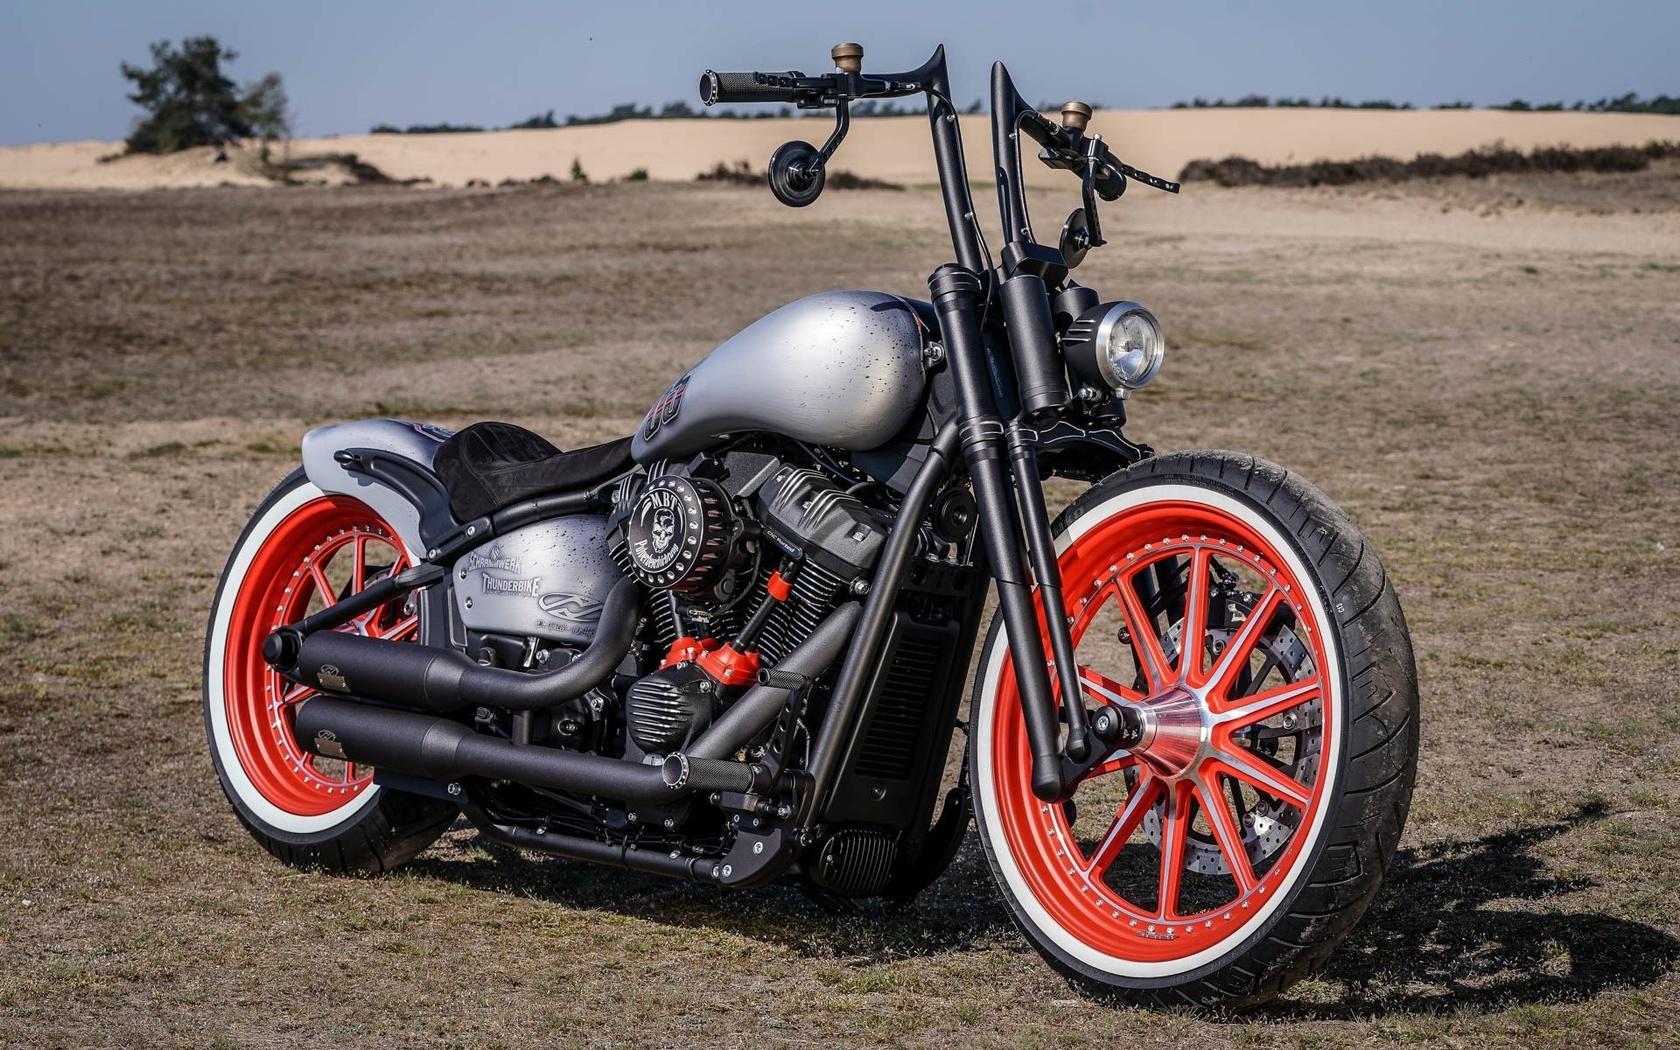 harley davidson, custom, thunderbike, red, wheel, mbt, street, bob